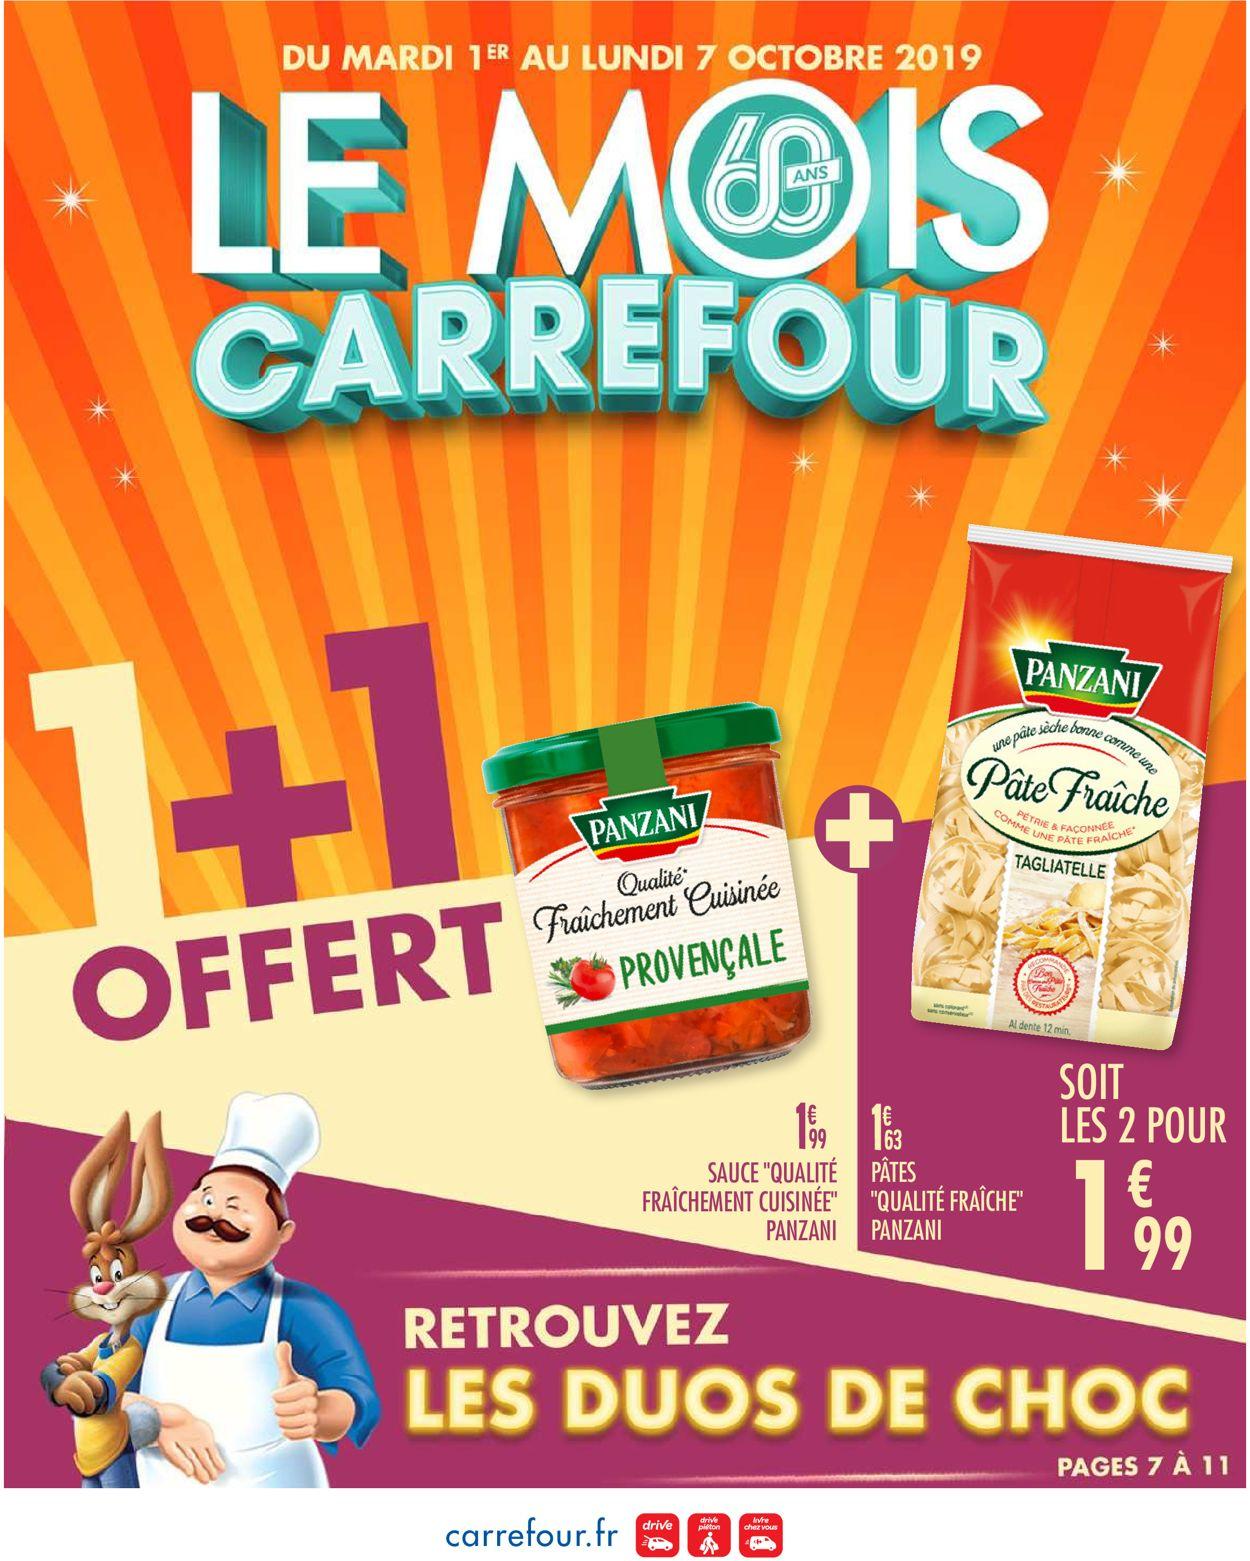 Carrefour Catalogue - 01.10-07.10.2019